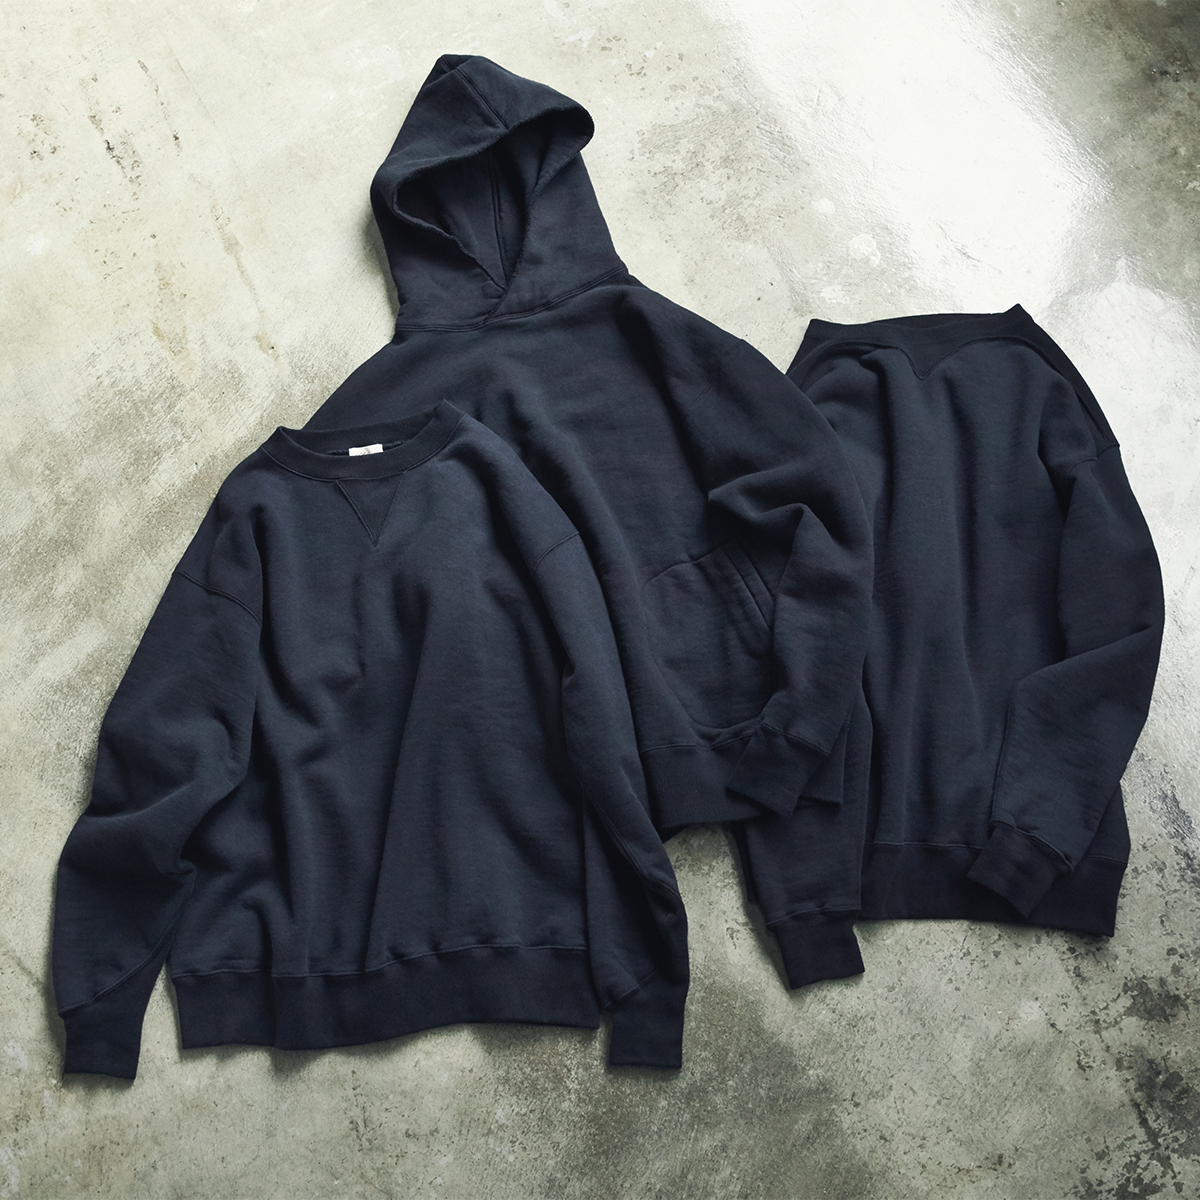 100年前のサイドラインパーカを原型とした、MONOCOでも大人気のスウェットに、新たに加わったのは「ブラック」「トレーニングシャツ」|A.G. Spalding & Bros